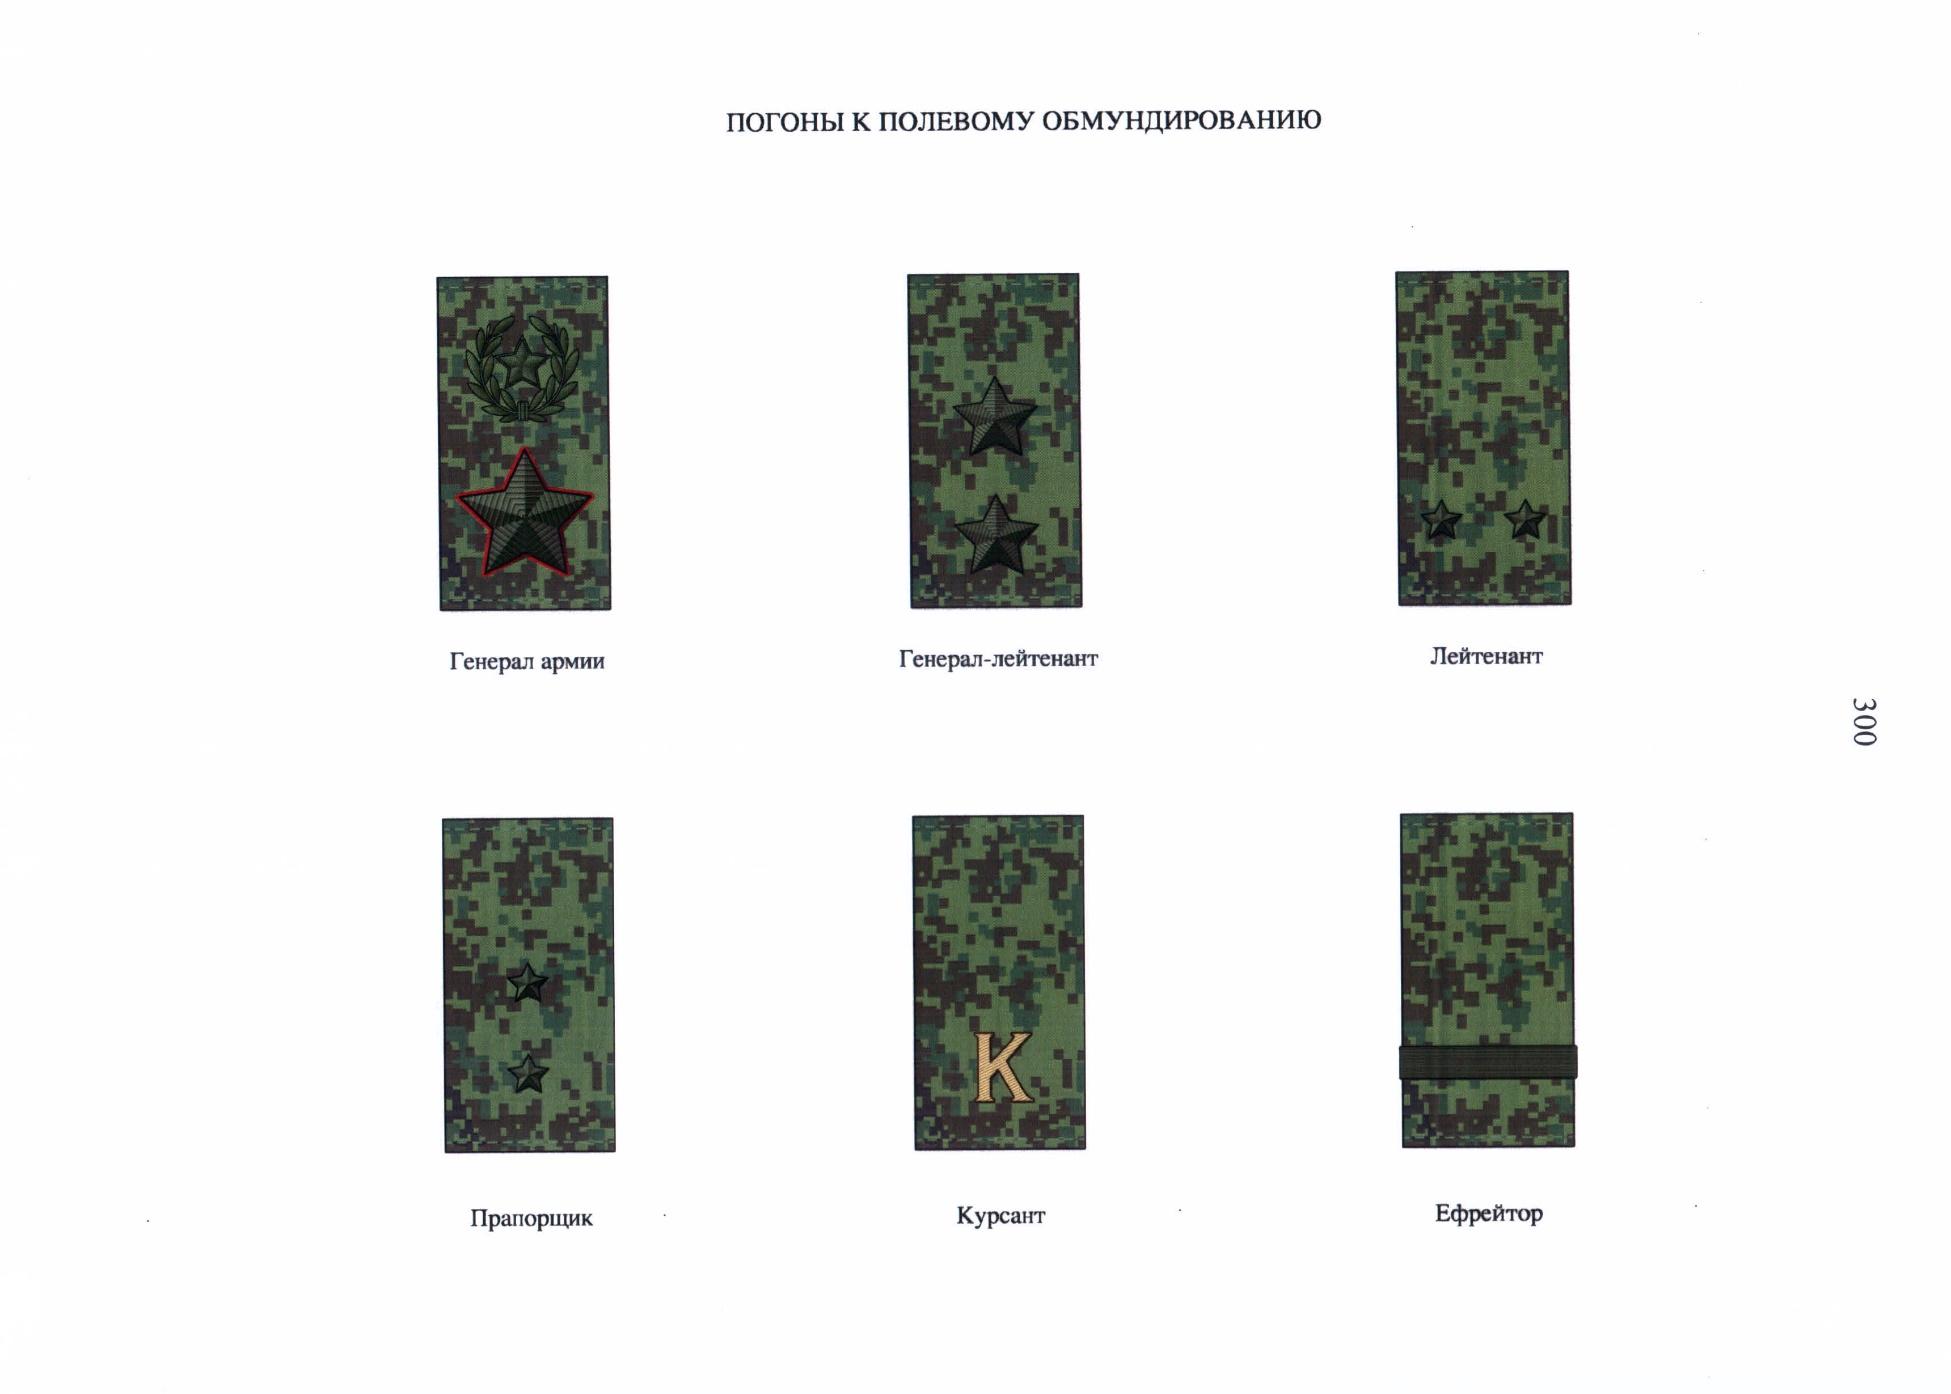 C:\Users\User\Desktop\Приказ МО РФ от 22.06.2015 г. № 300 Правила ношения военной формы одежды\184745.JPG